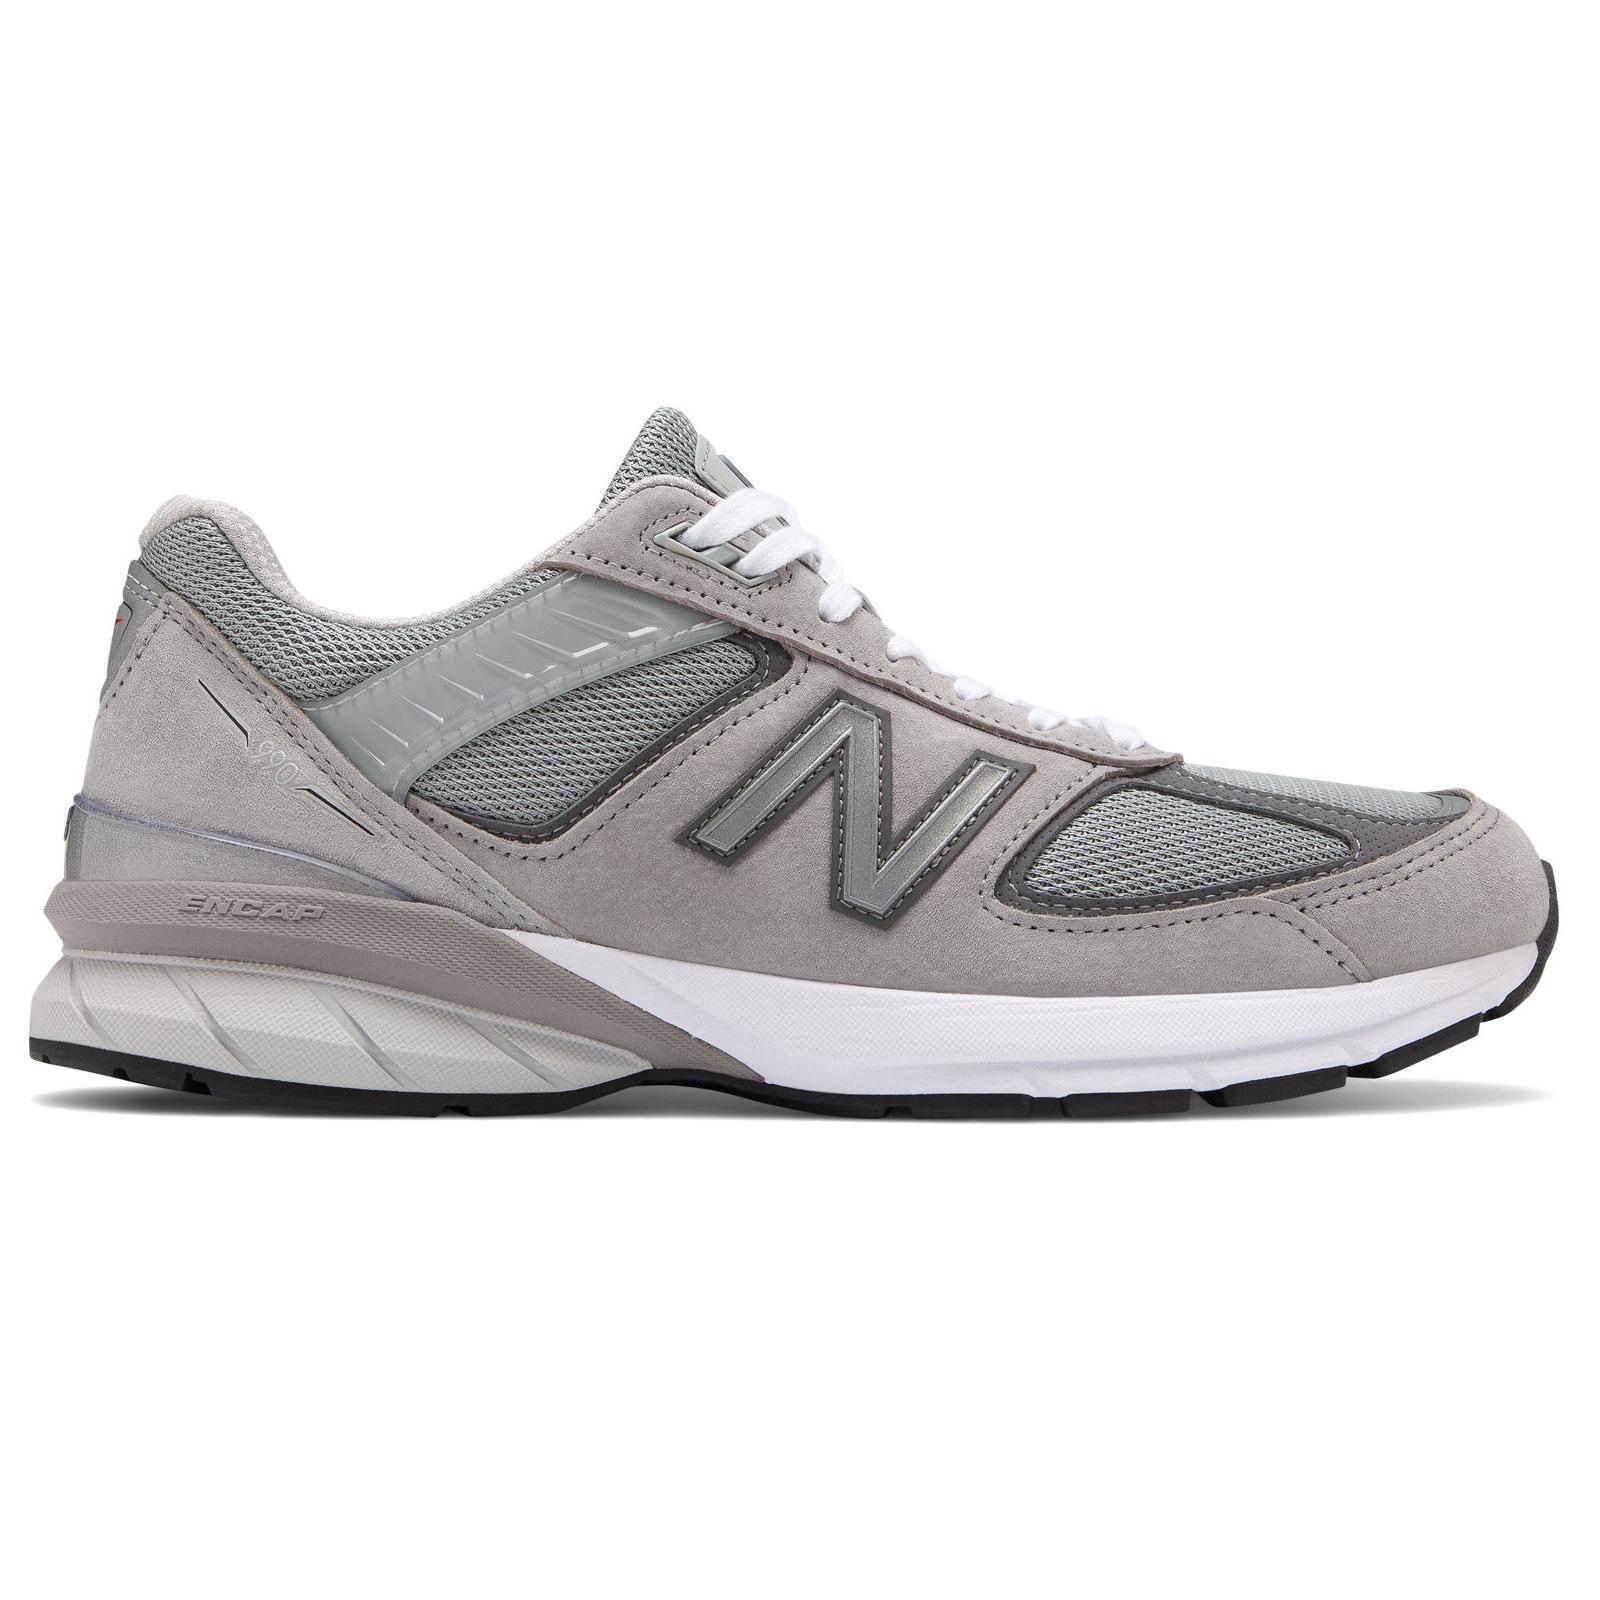 ShoeStores.com | New Balance 990v5 Men